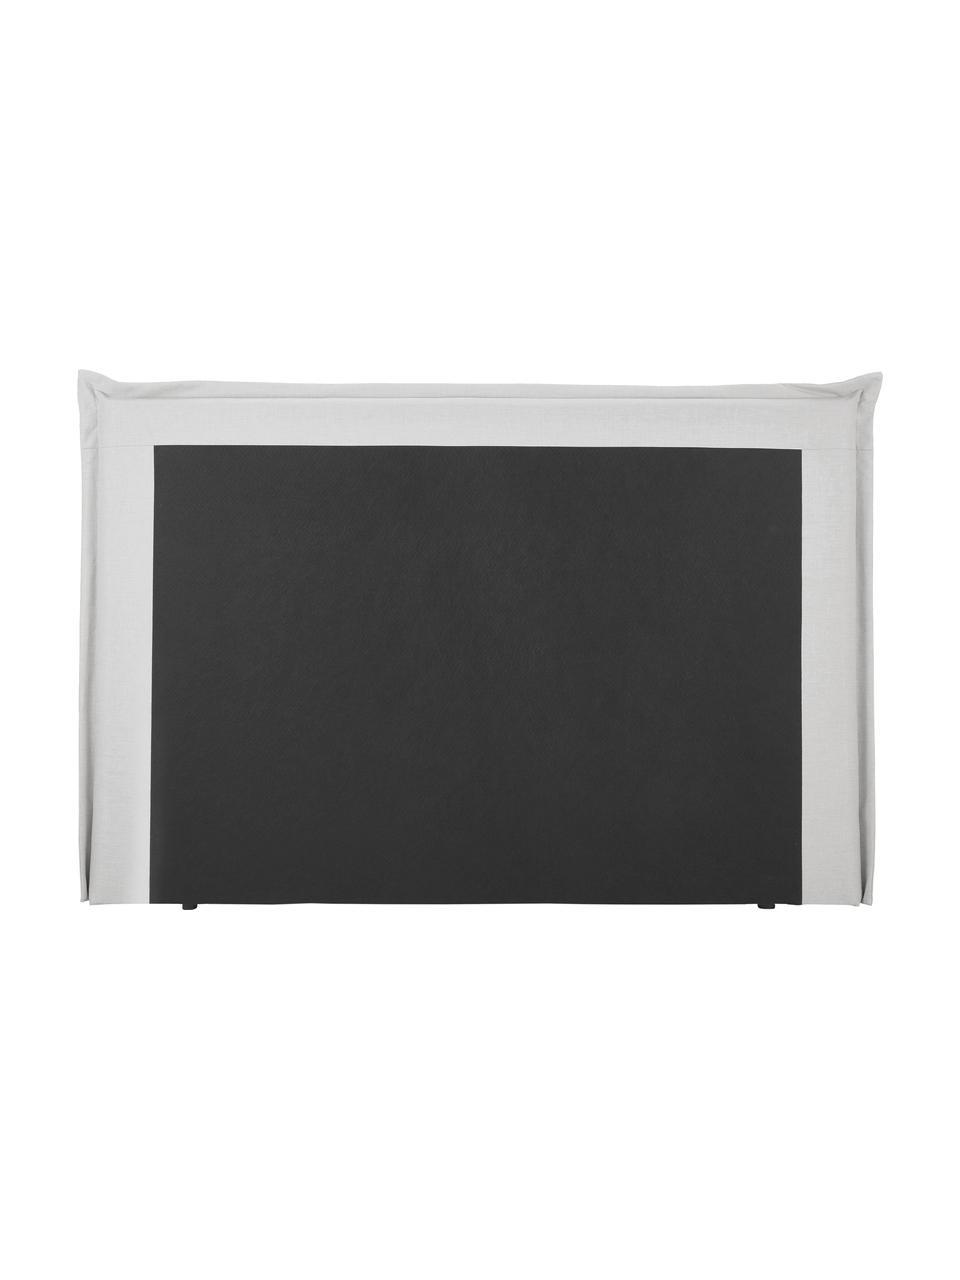 Premium Boxspringbett Violet in Hellgrau, Matratze: 5-Zonen-Taschenfederkern, Füße: Massives Birkenholz, lack, Helles Weiß-Grau, 160 x 200 cm